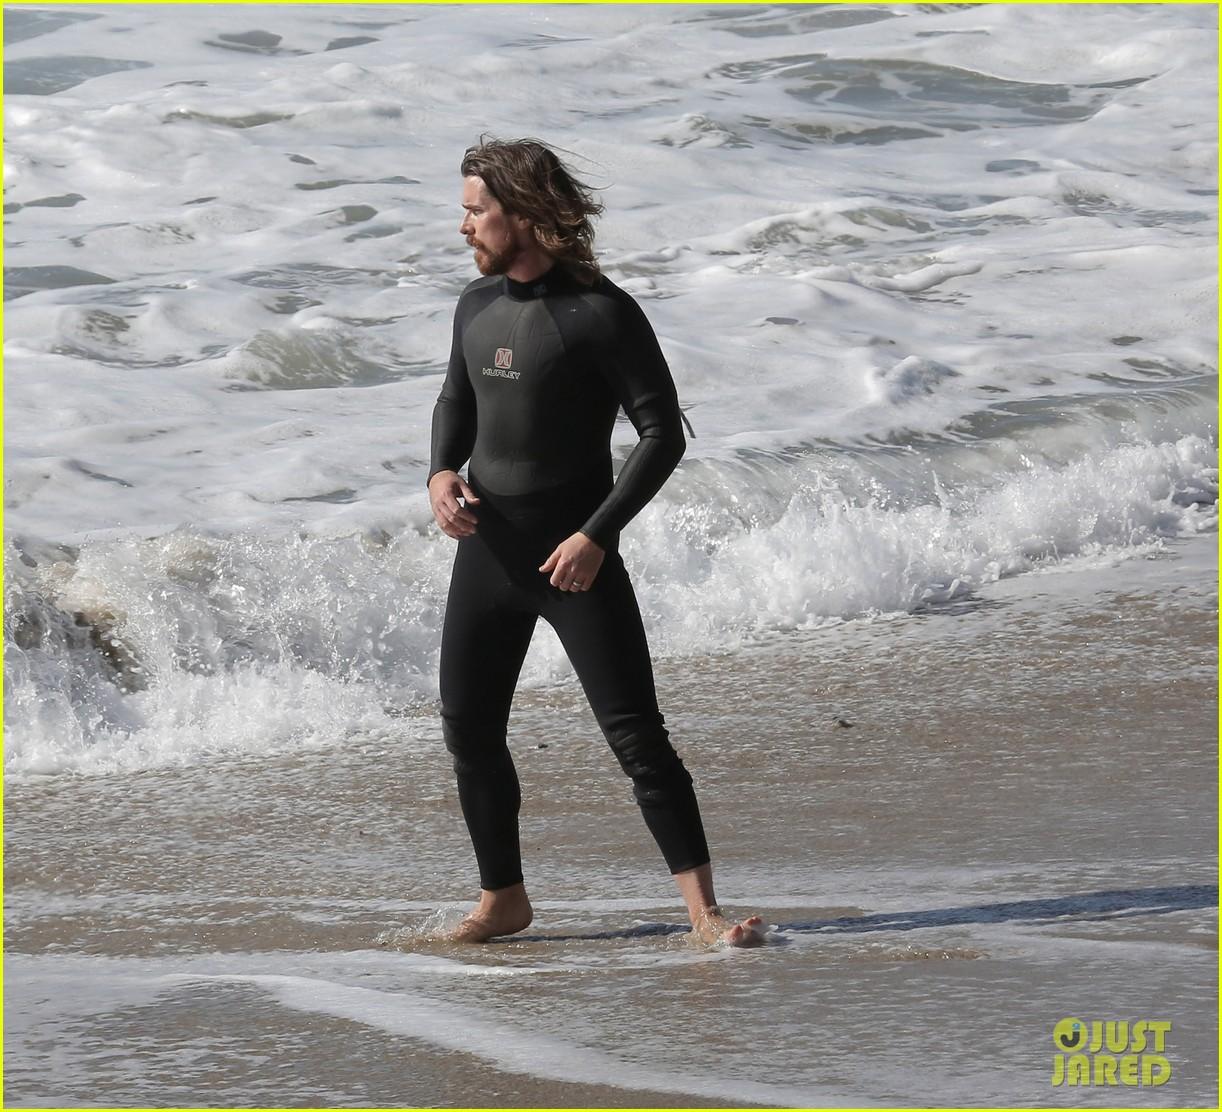 christian-bale-shirtless-paddle-boarding-malibu-10